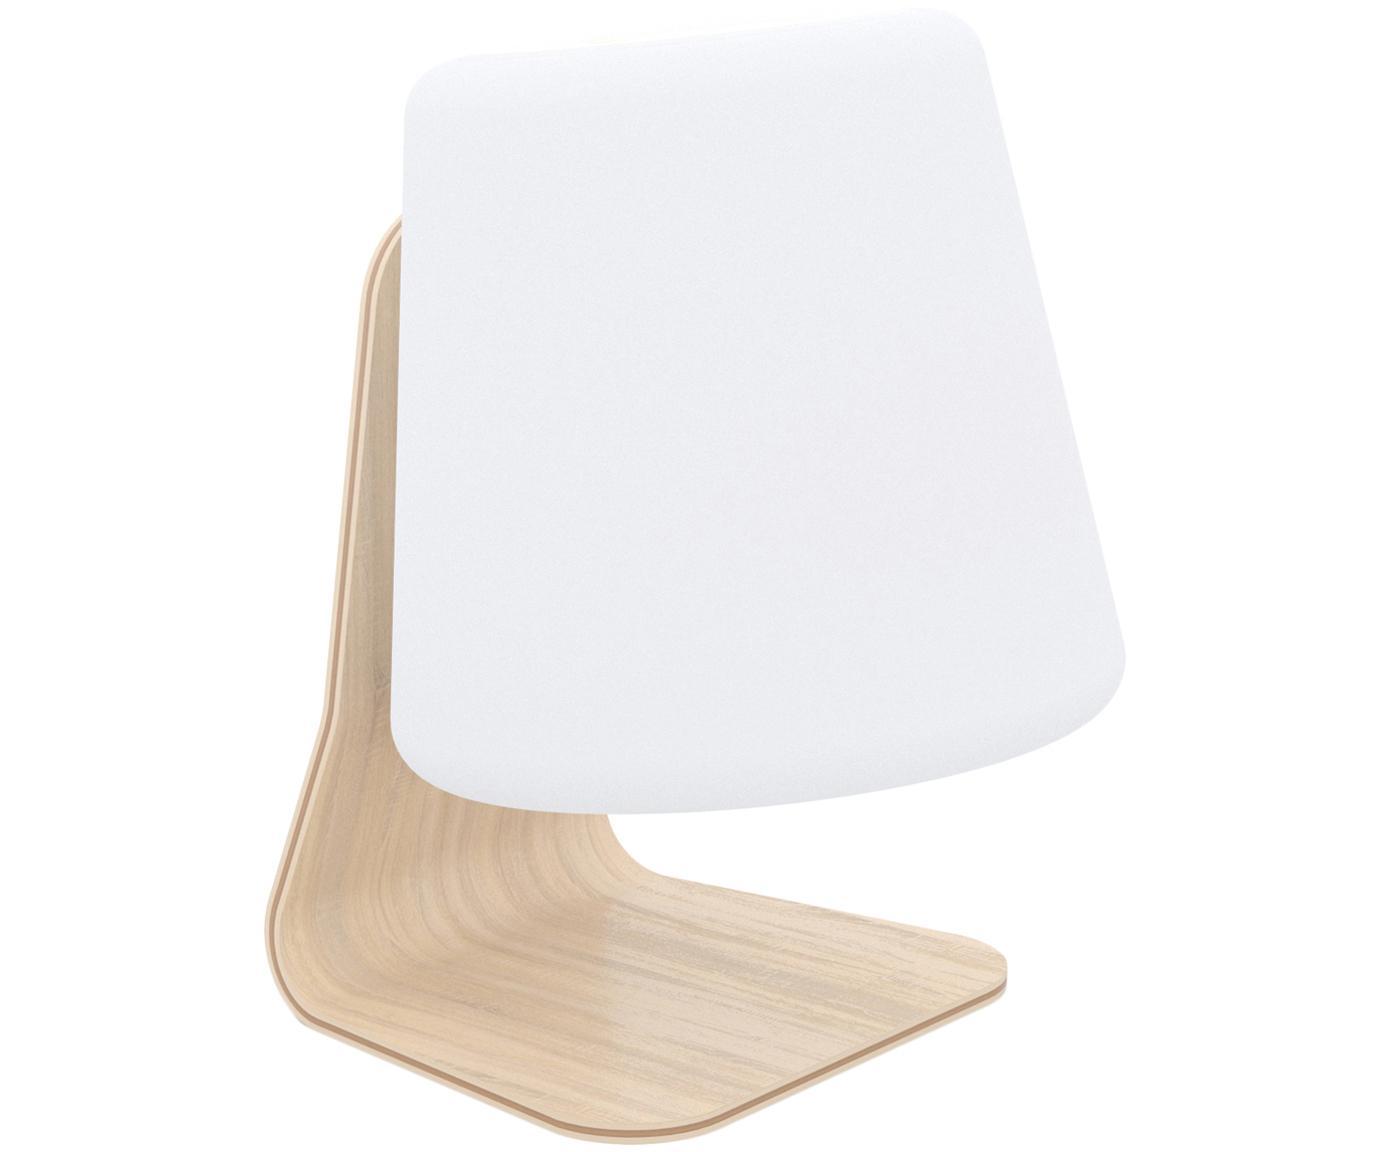 Lámpara LED para exterior Table, portátil, Pantalla: plástico, Base de la lámpara: madera de olmo con chapa , Blanco, beige, An 22 x Al 29 cm